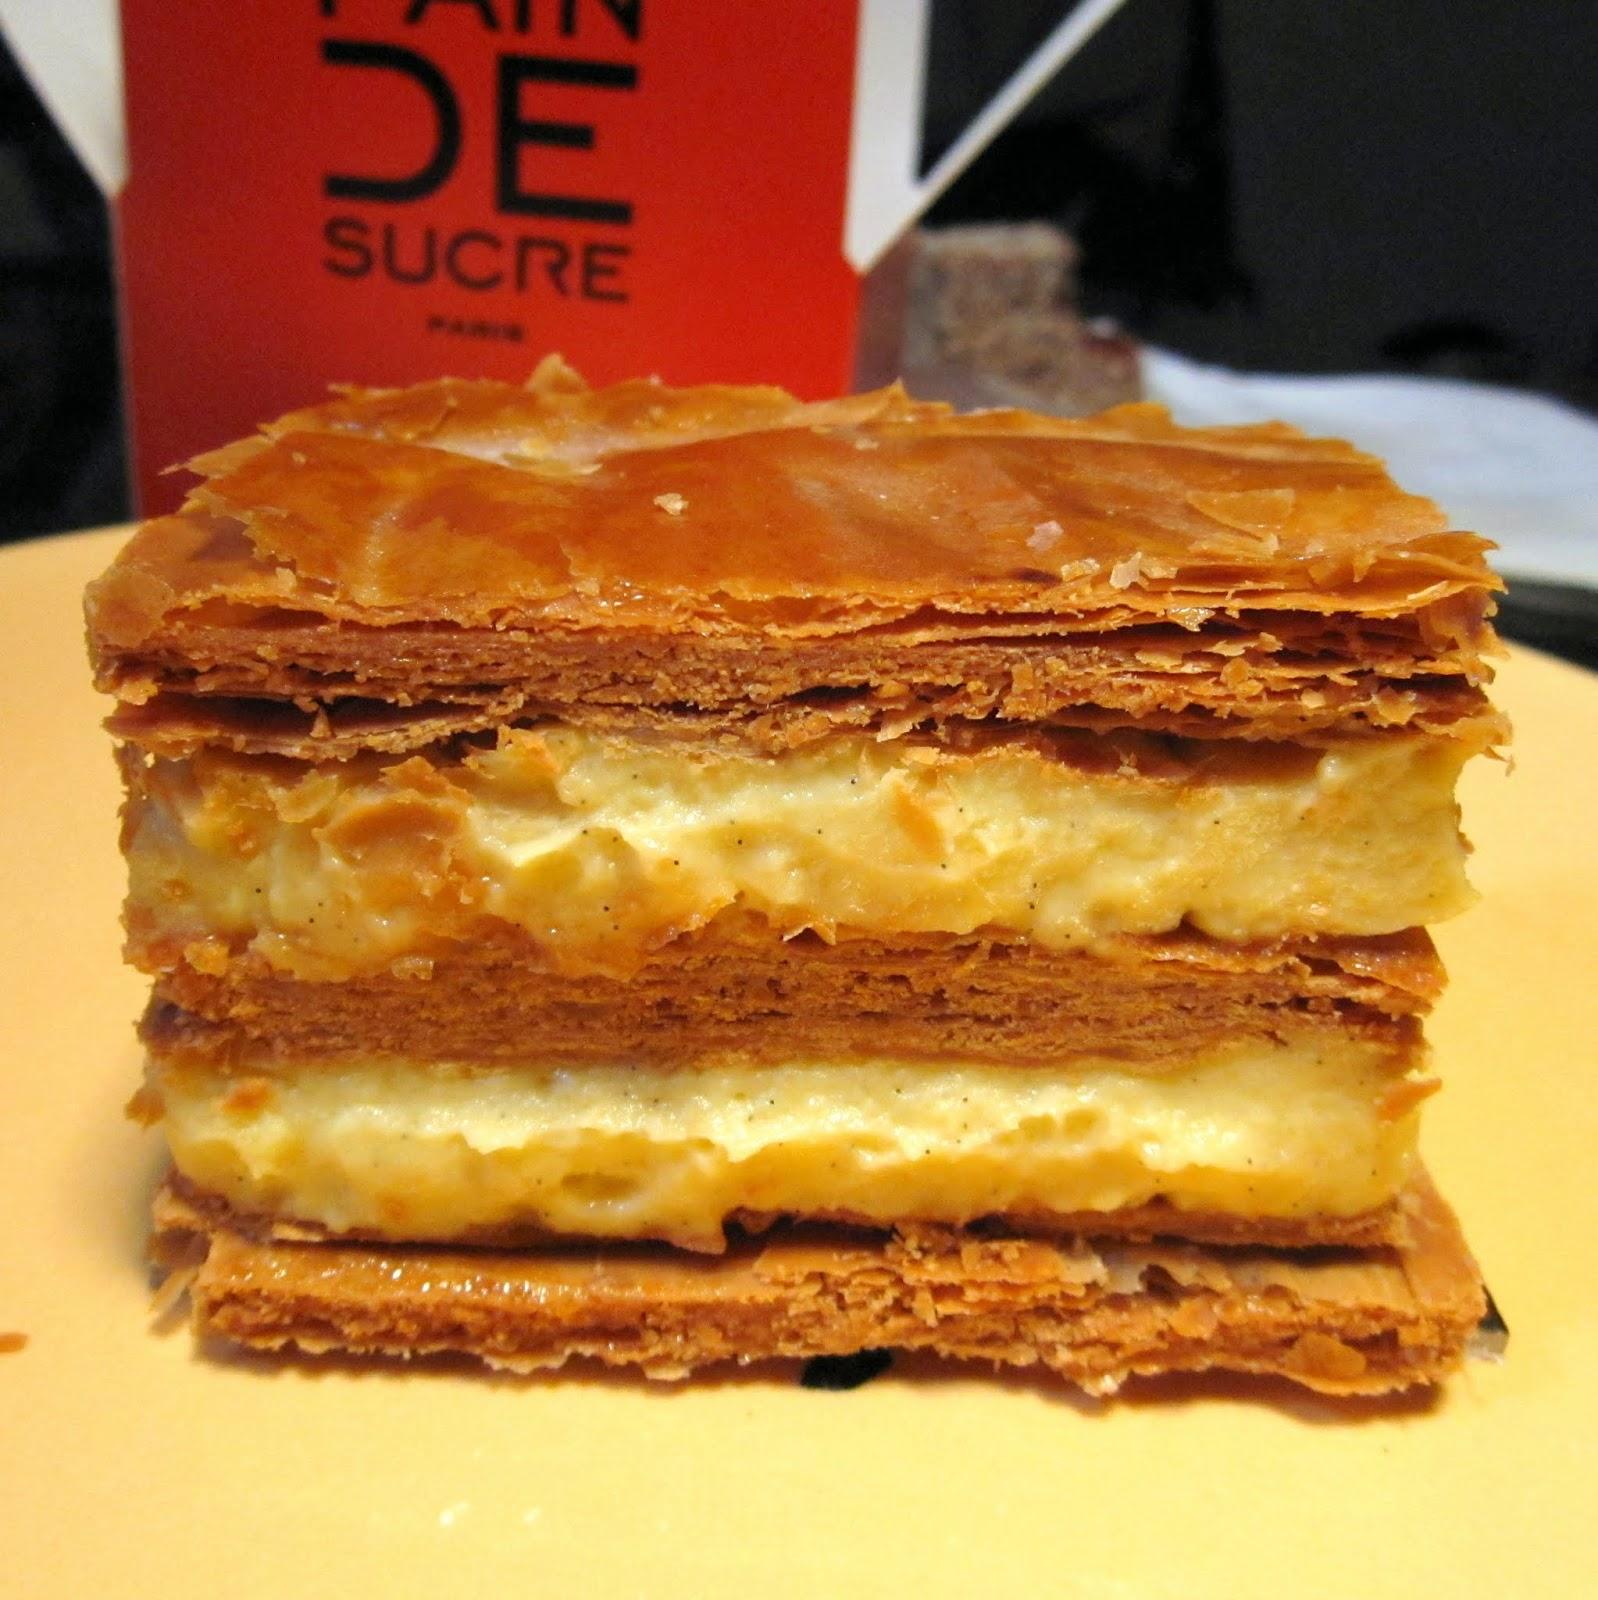 Mille fueille Pain de Sucre Paris France Napoleon dessert